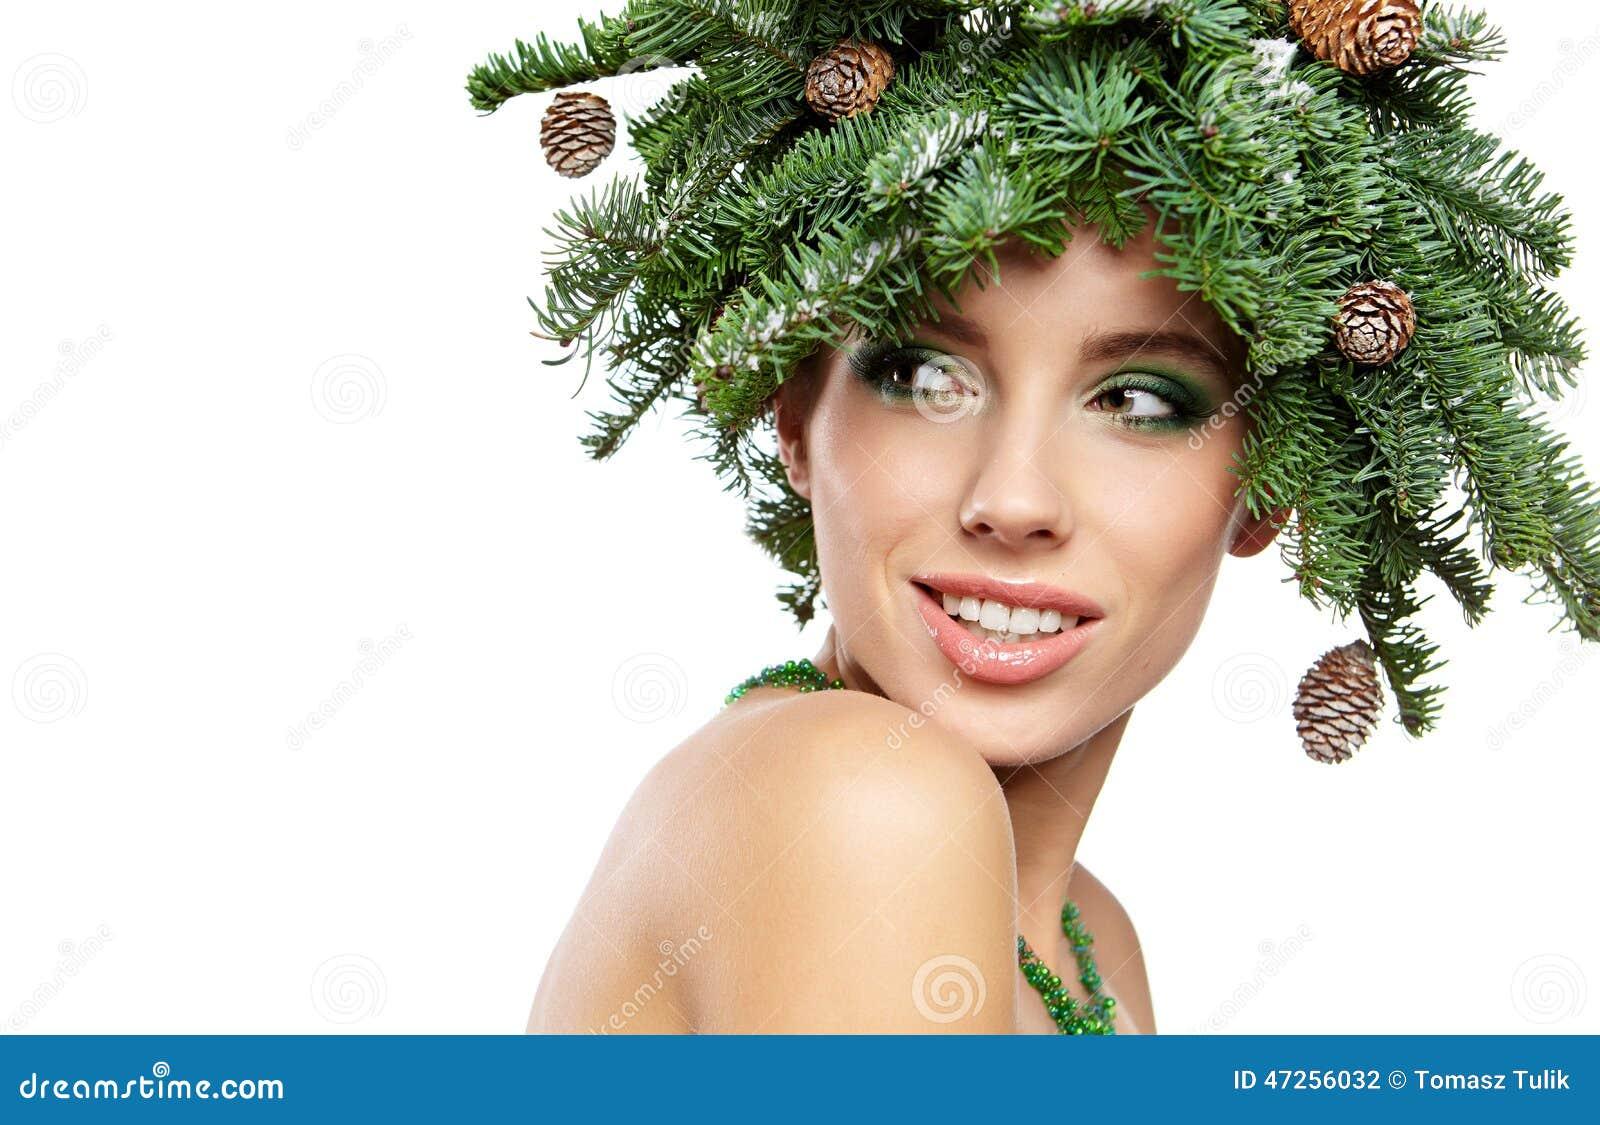 Weihnachtsbaum Feiertags Frisur Und Machen Stockfoto Bild Von